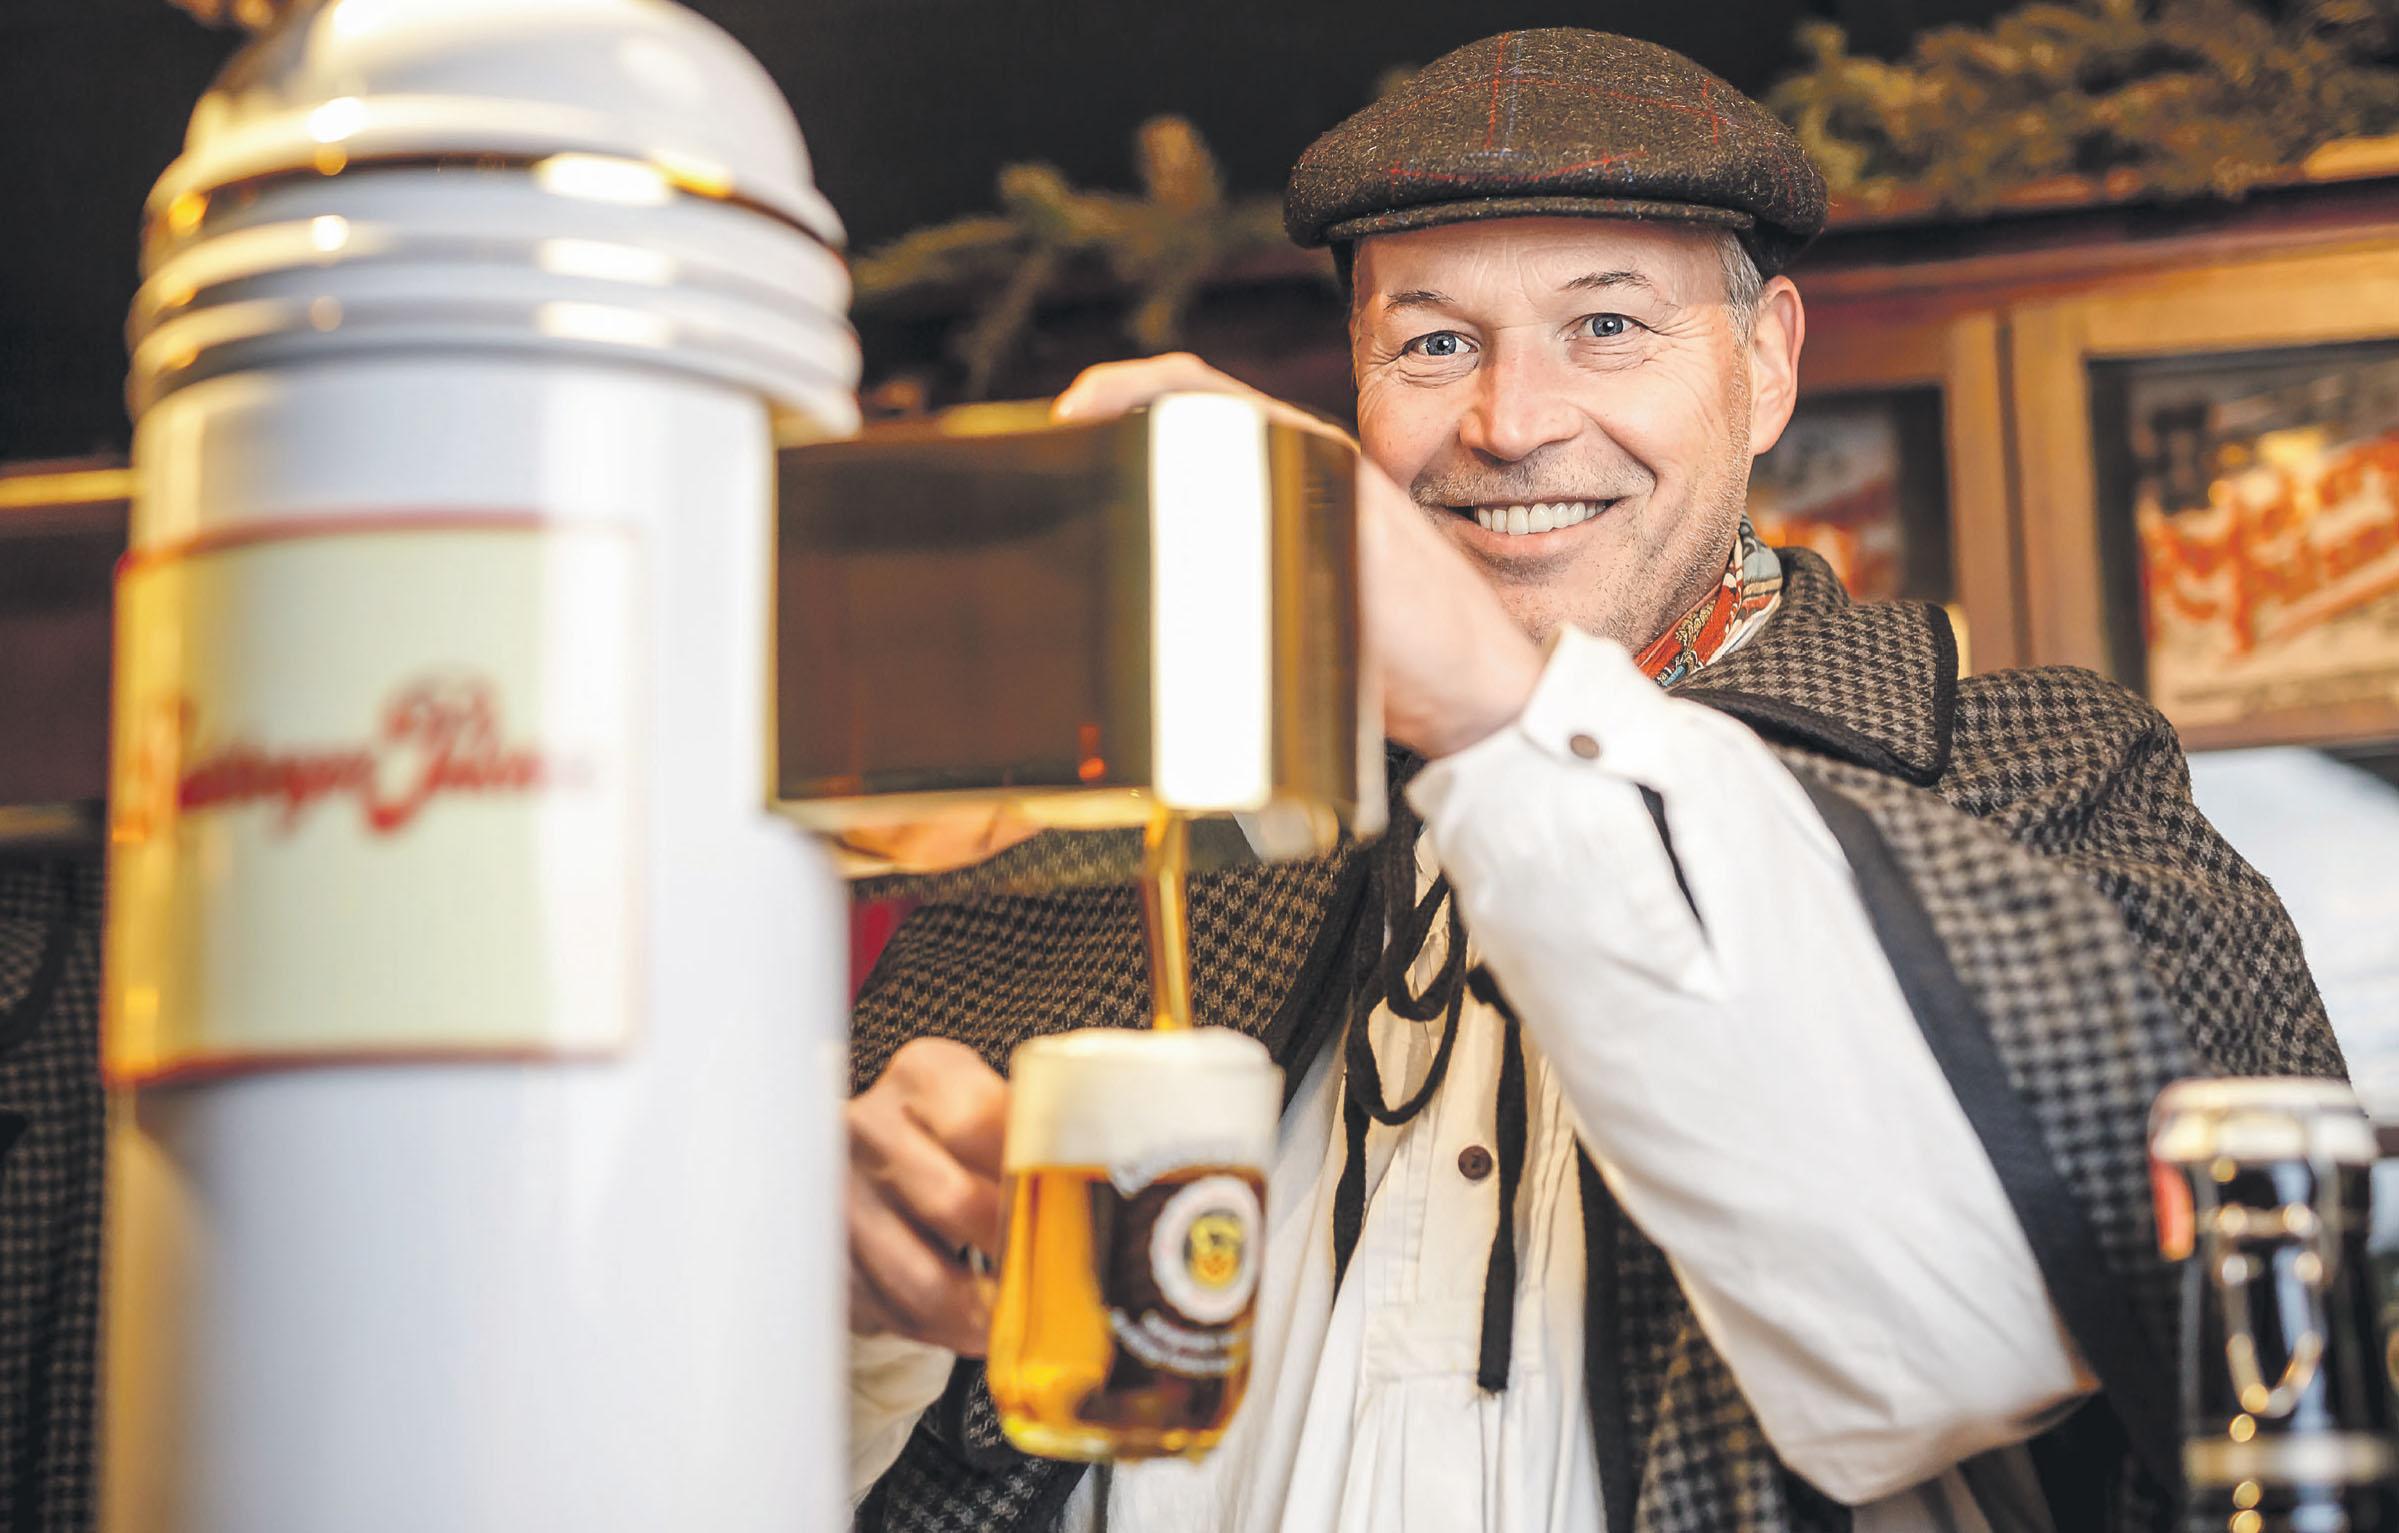 """Zwickelbier, das unfiltrierte Radeberger Pilsner, wird sonst nur im """"Radeberger Spezialausschank"""" gezapft. Fans haben in der Vorweihnachtszeit eine weitere Chance auf diesen Genuss: In der einem Ausschank um 1900 nachempfundenen Markthütte """"Königlich-Sächsische Schankwirtschaft"""" beim """"Advent auf dem Neumarkt"""" wird die Spezialität ebenfalls ausgeschenkt"""